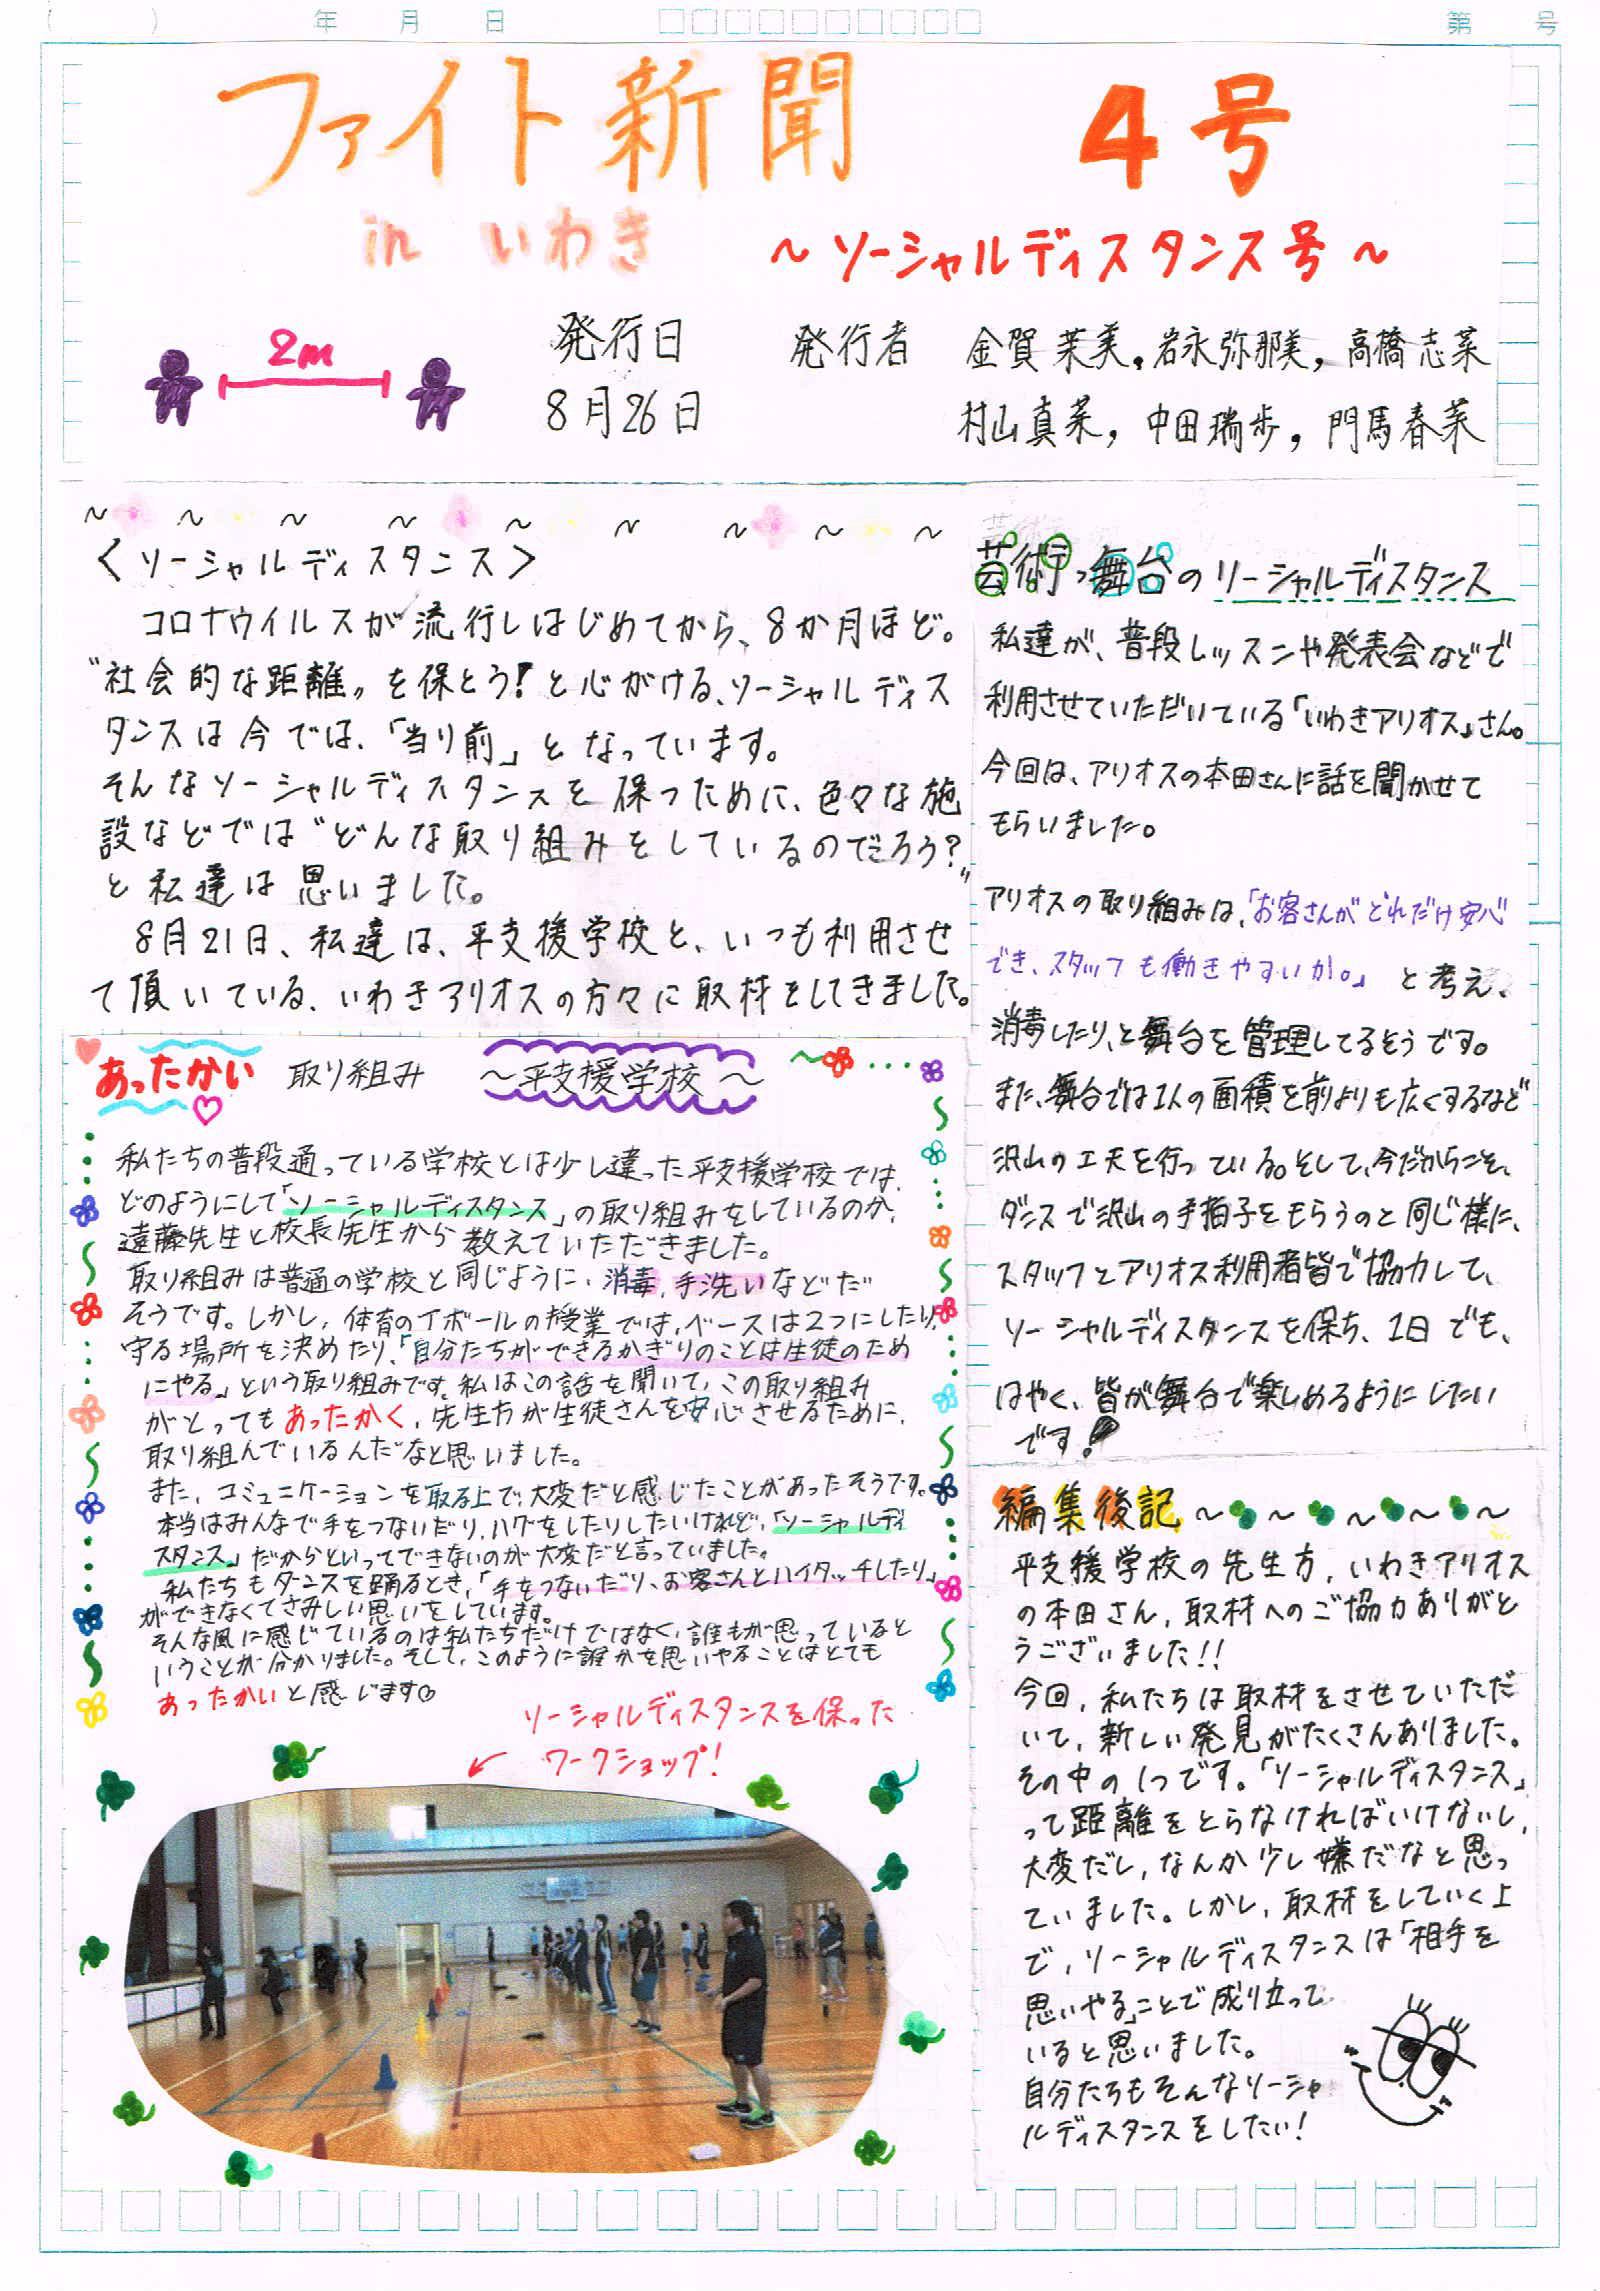 ファイト新聞 inいわき 4号 | 記事・新聞を読む | 文化プログラム ...